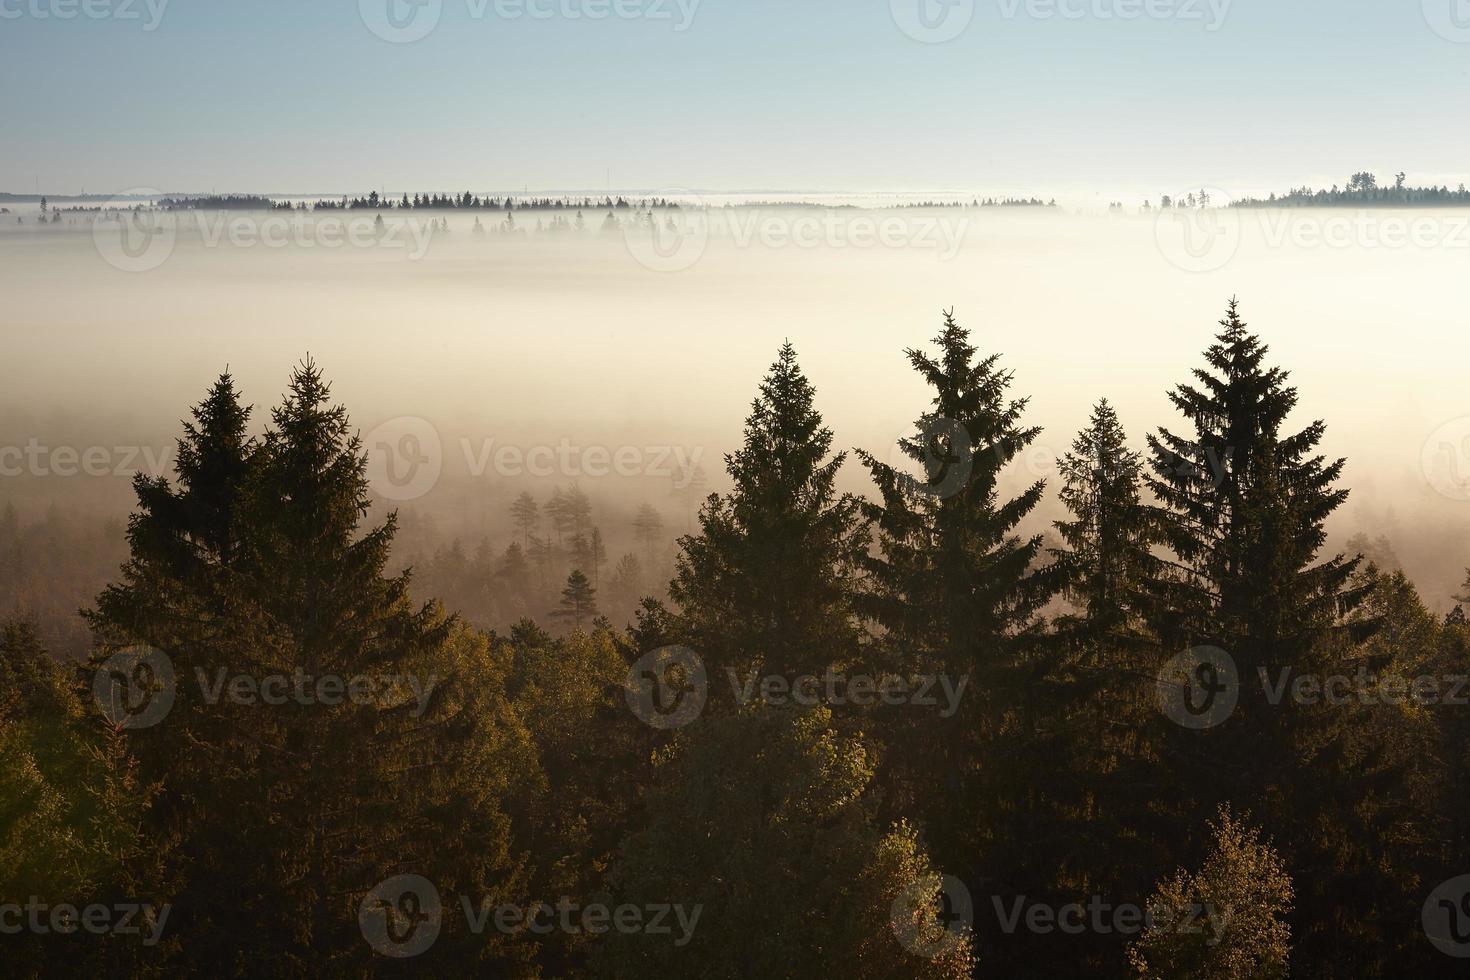 árvores em uma manhã nublada foto